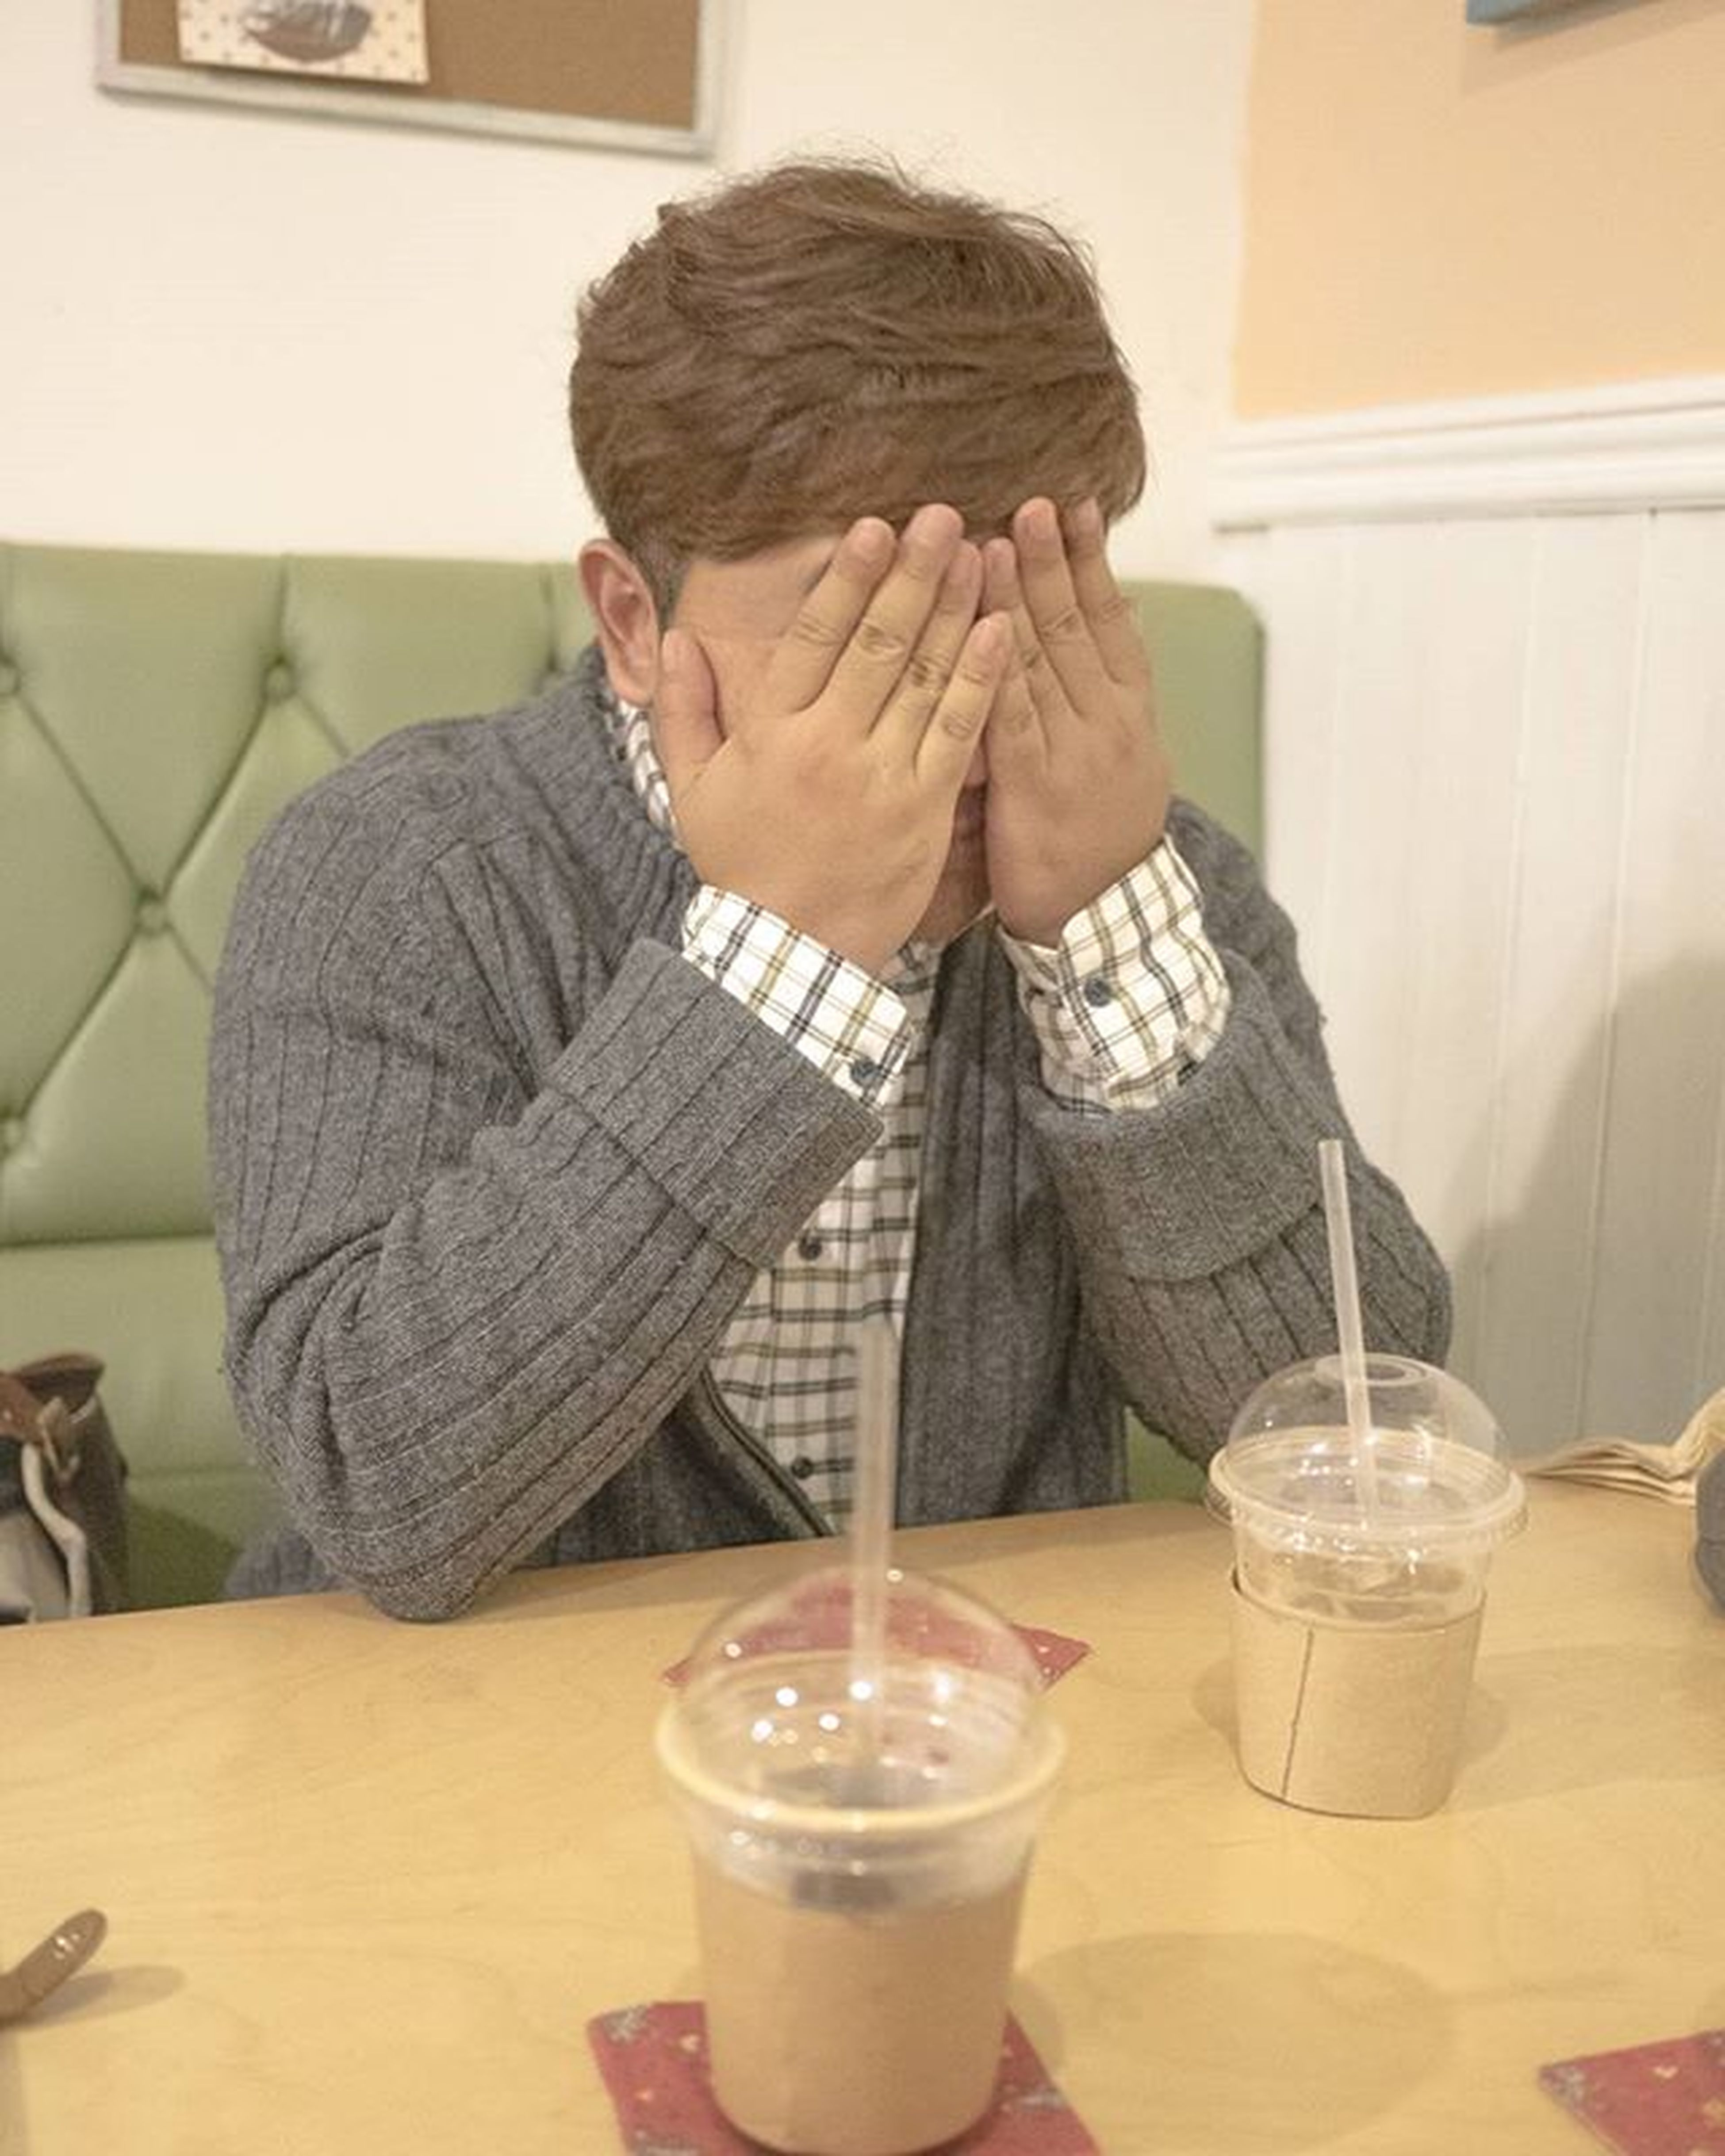 ☆ 부끄??? ☆ 친구스타그램 데일리스타그램 데일리룩 데일리 홍대 커피스튜디오 고양이 없어요 😚